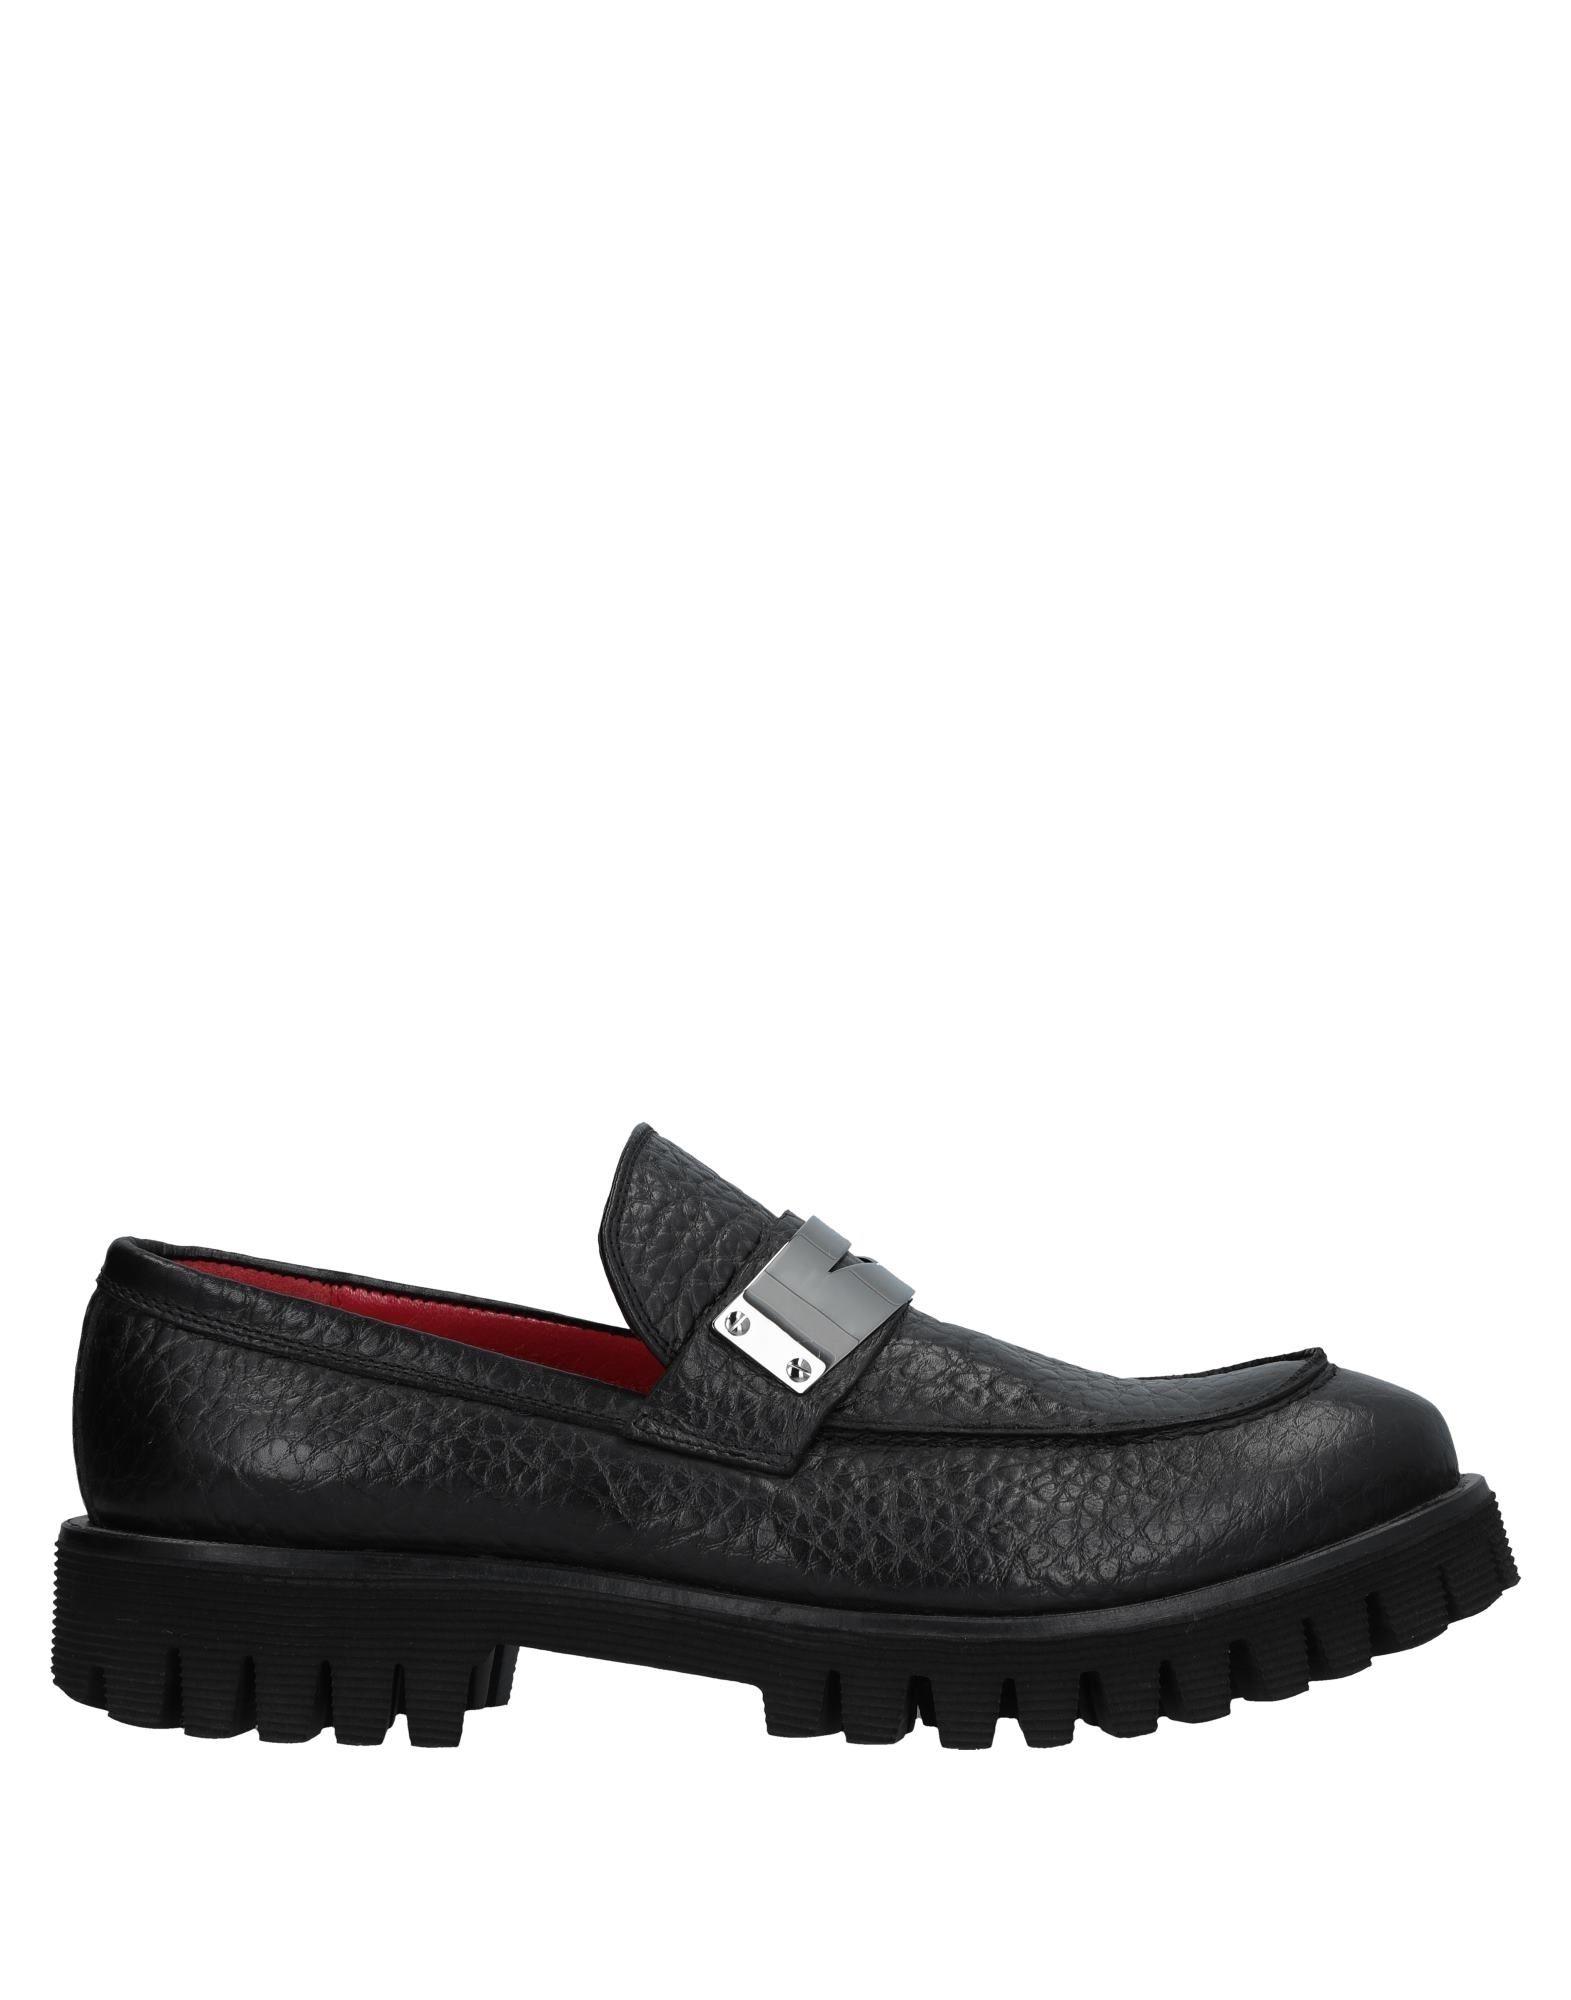 Alexander Smith Mokassins Herren  11524154WT Gute Qualität beliebte Schuhe